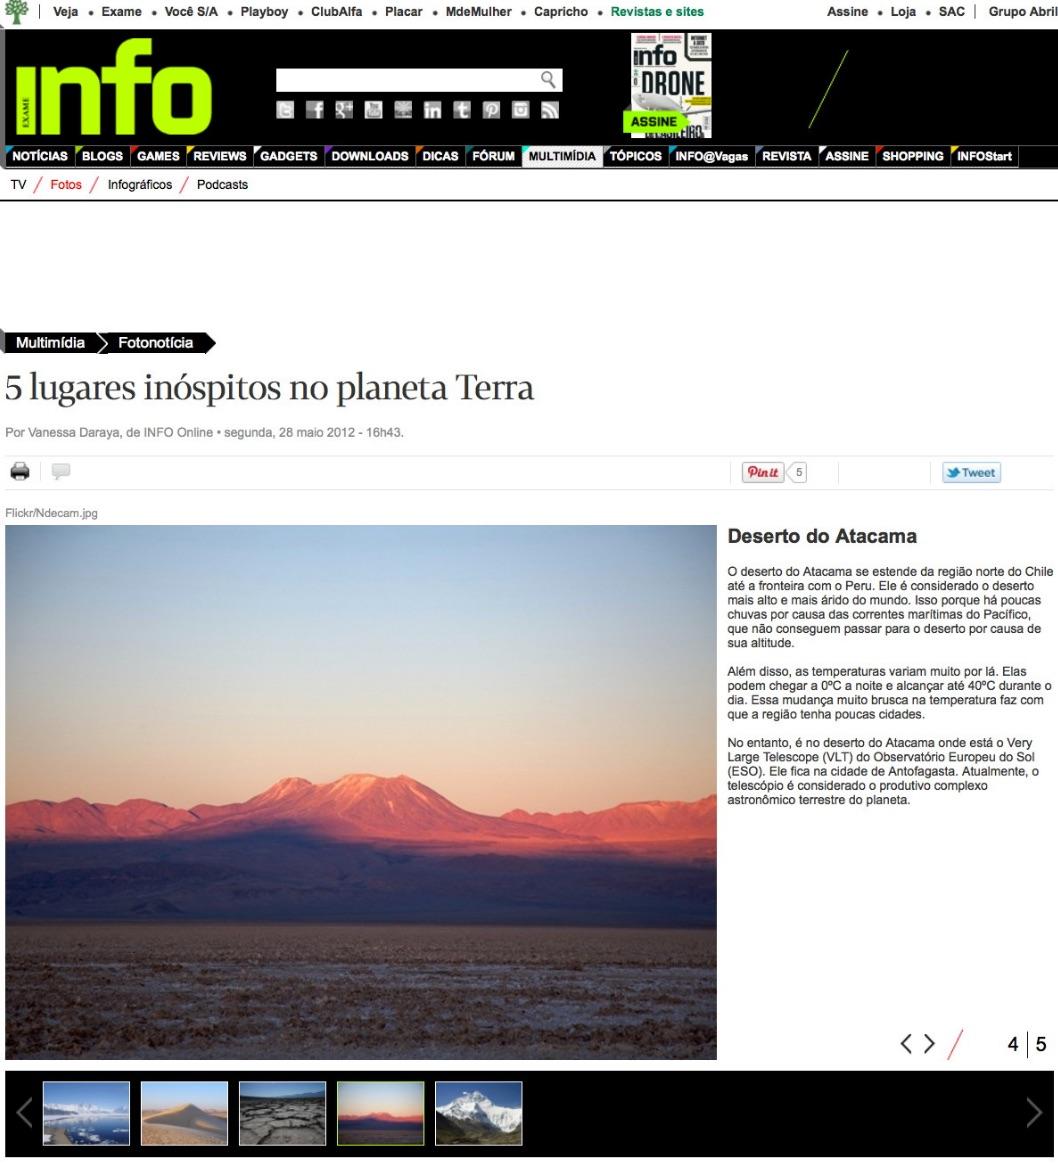 http://info.abril.com.br/noticias/ciencia/5-lugares-inospitos-no-planeta-terra.shtml?id=4